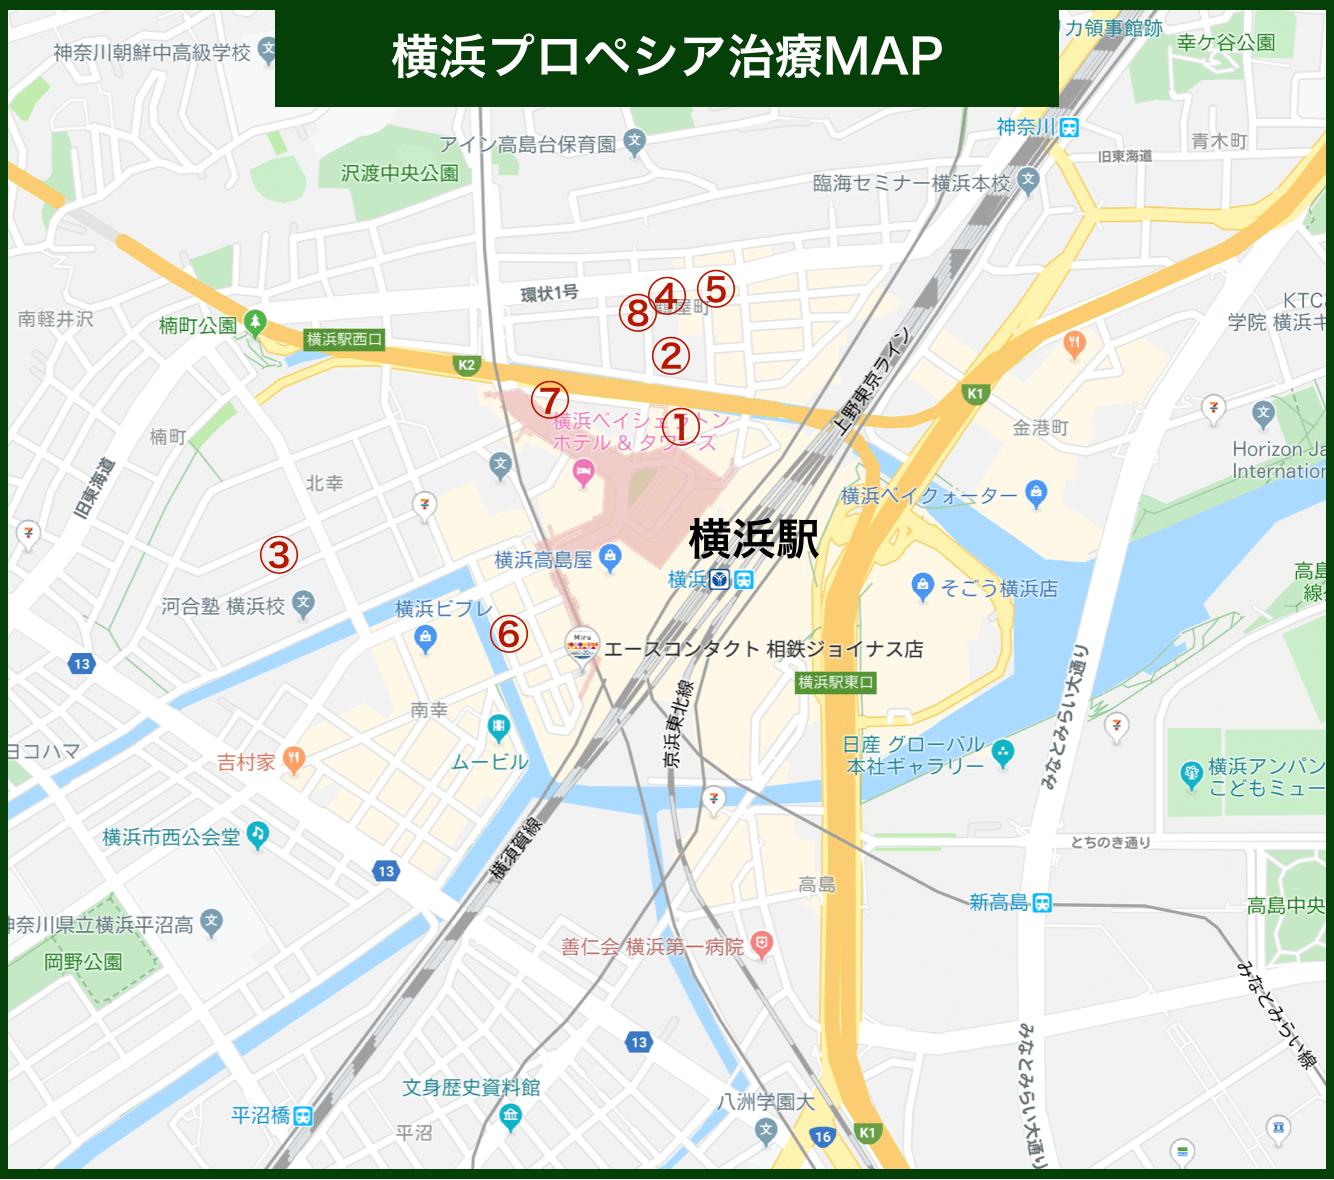 横浜プロペシア治療MAP(2020年版)